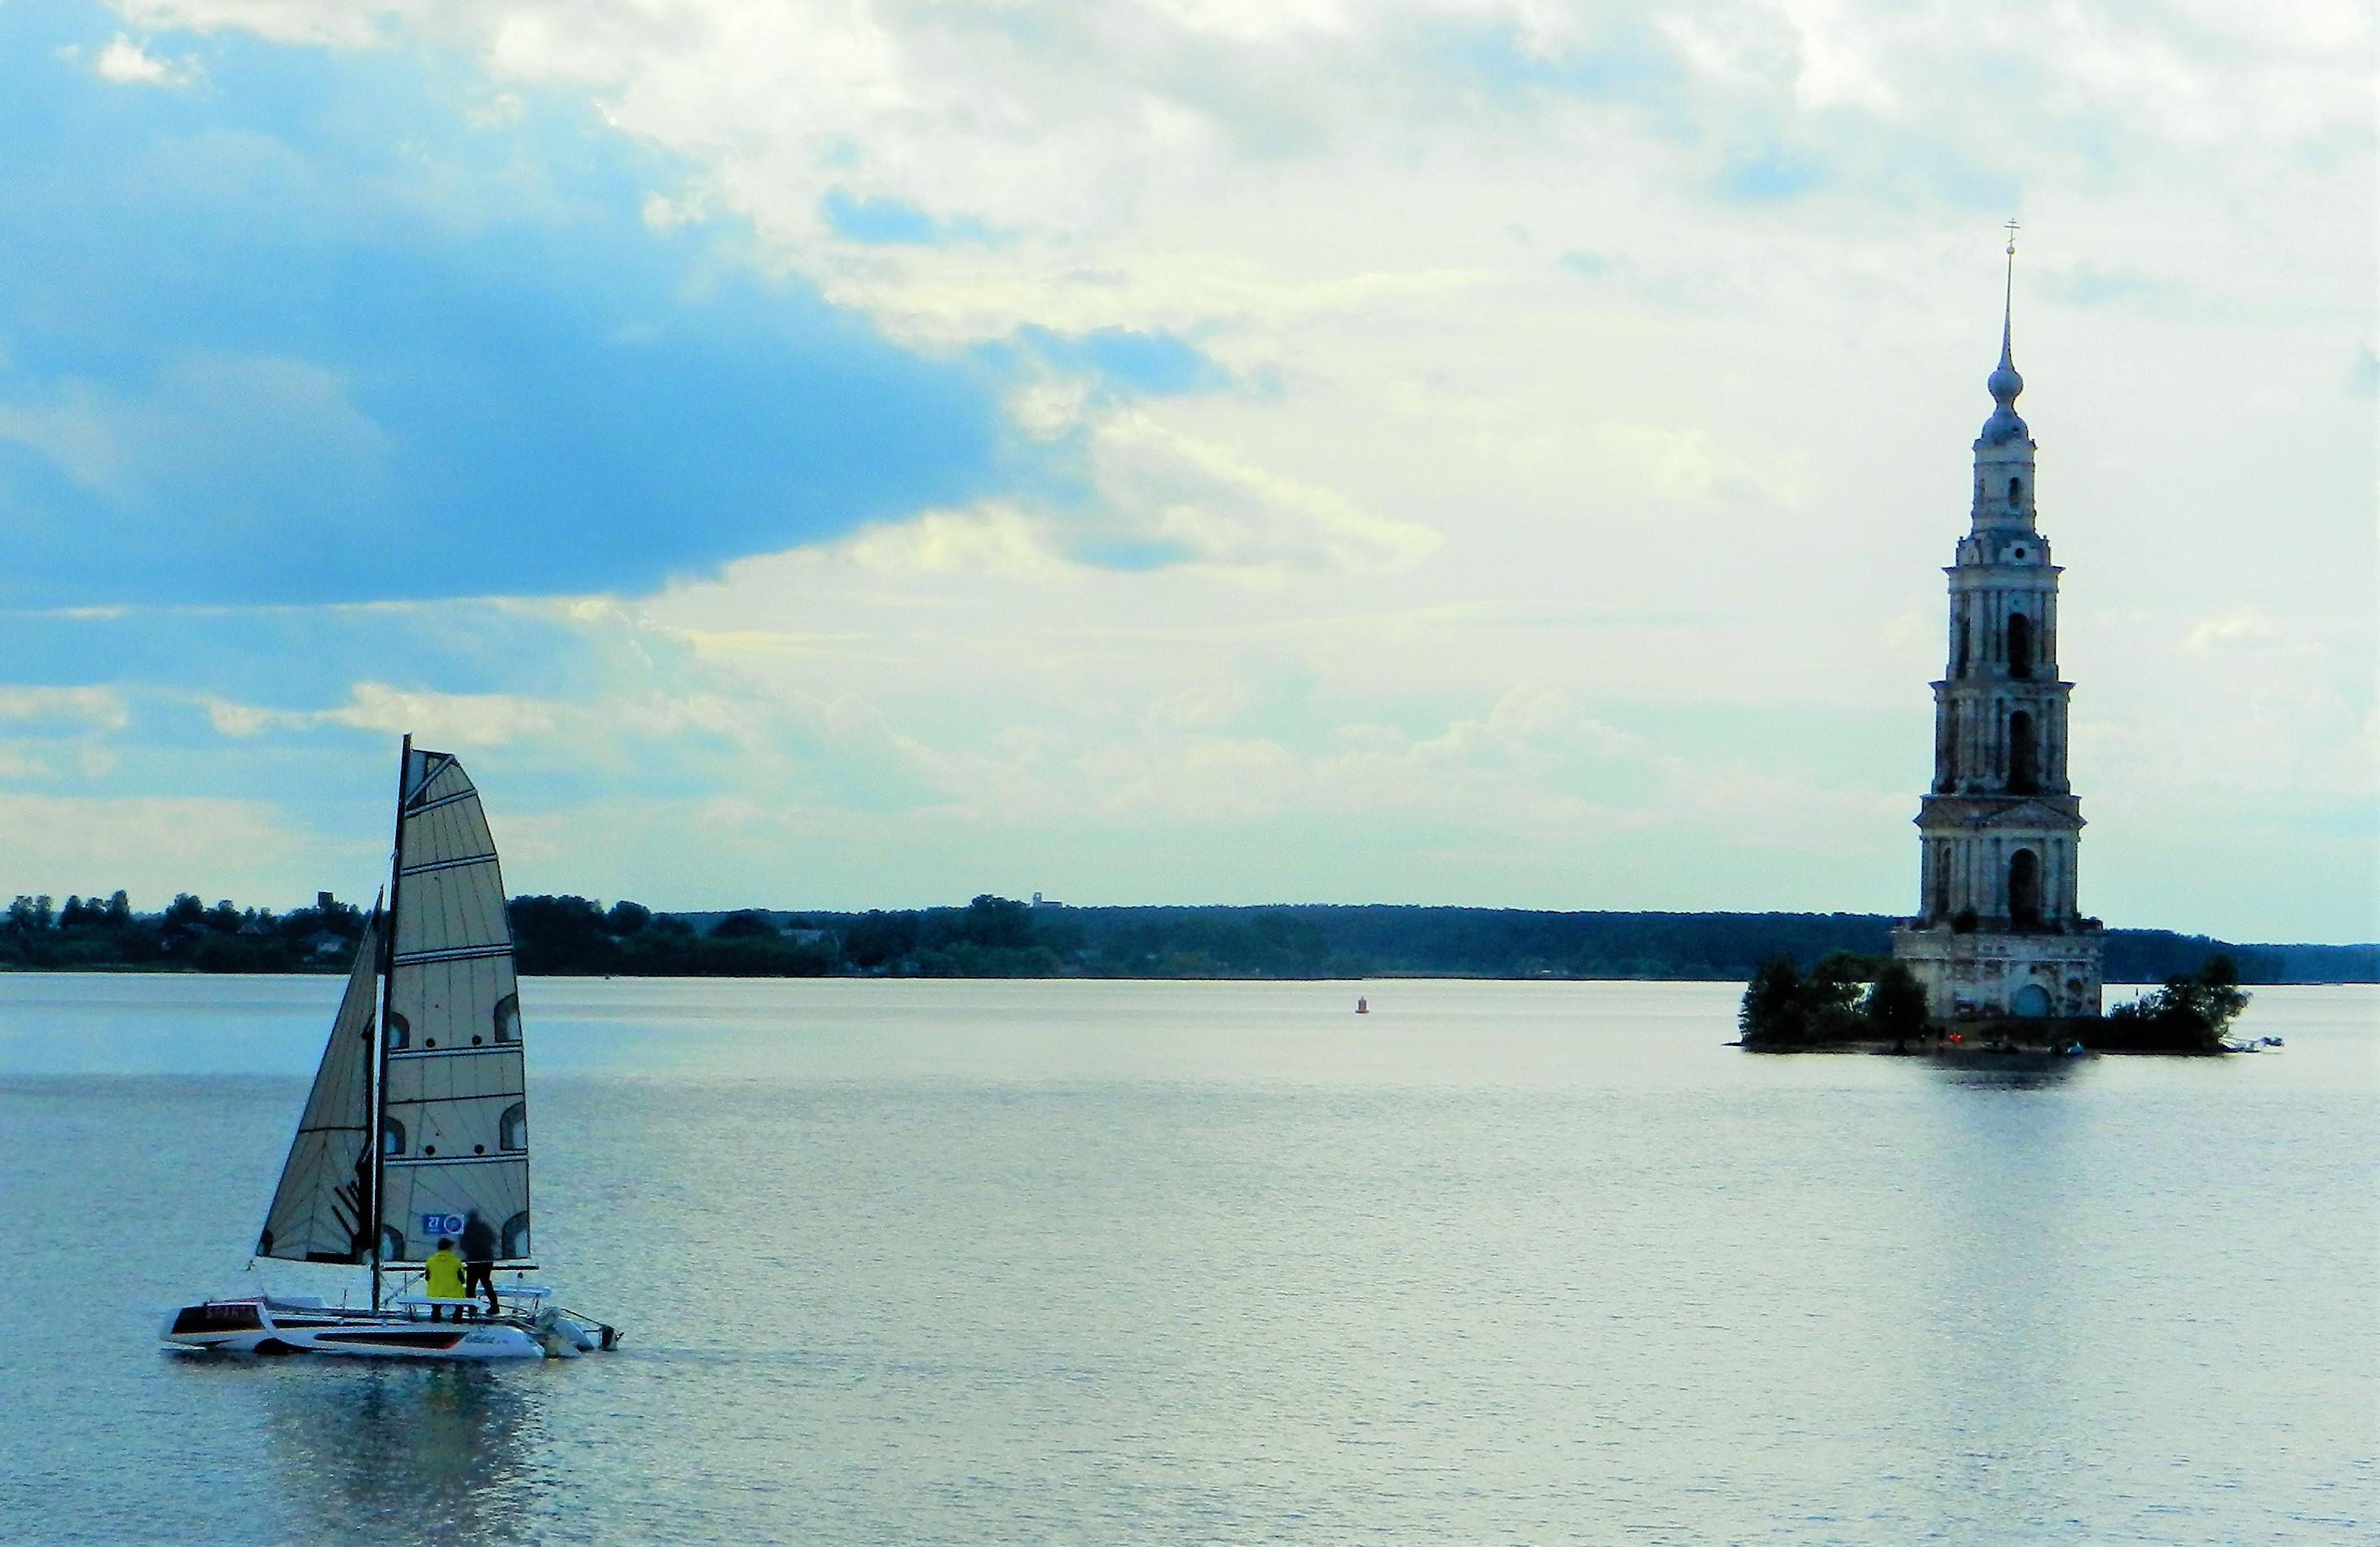 Главная достопримечательность города Калязин. Блиц: башни